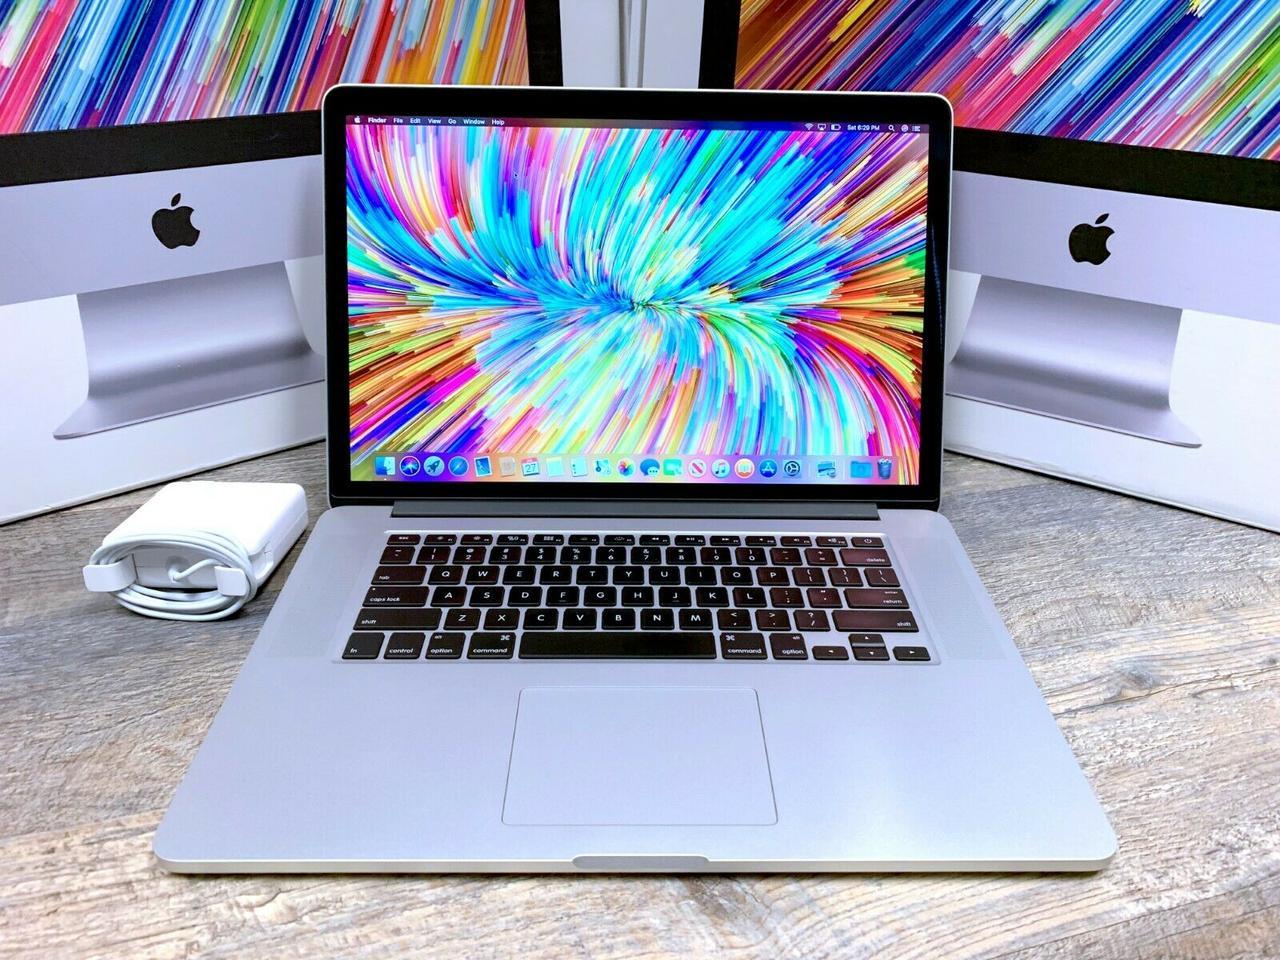 Ремонт ноутбуков и компьютеров Apple Macbook Pro